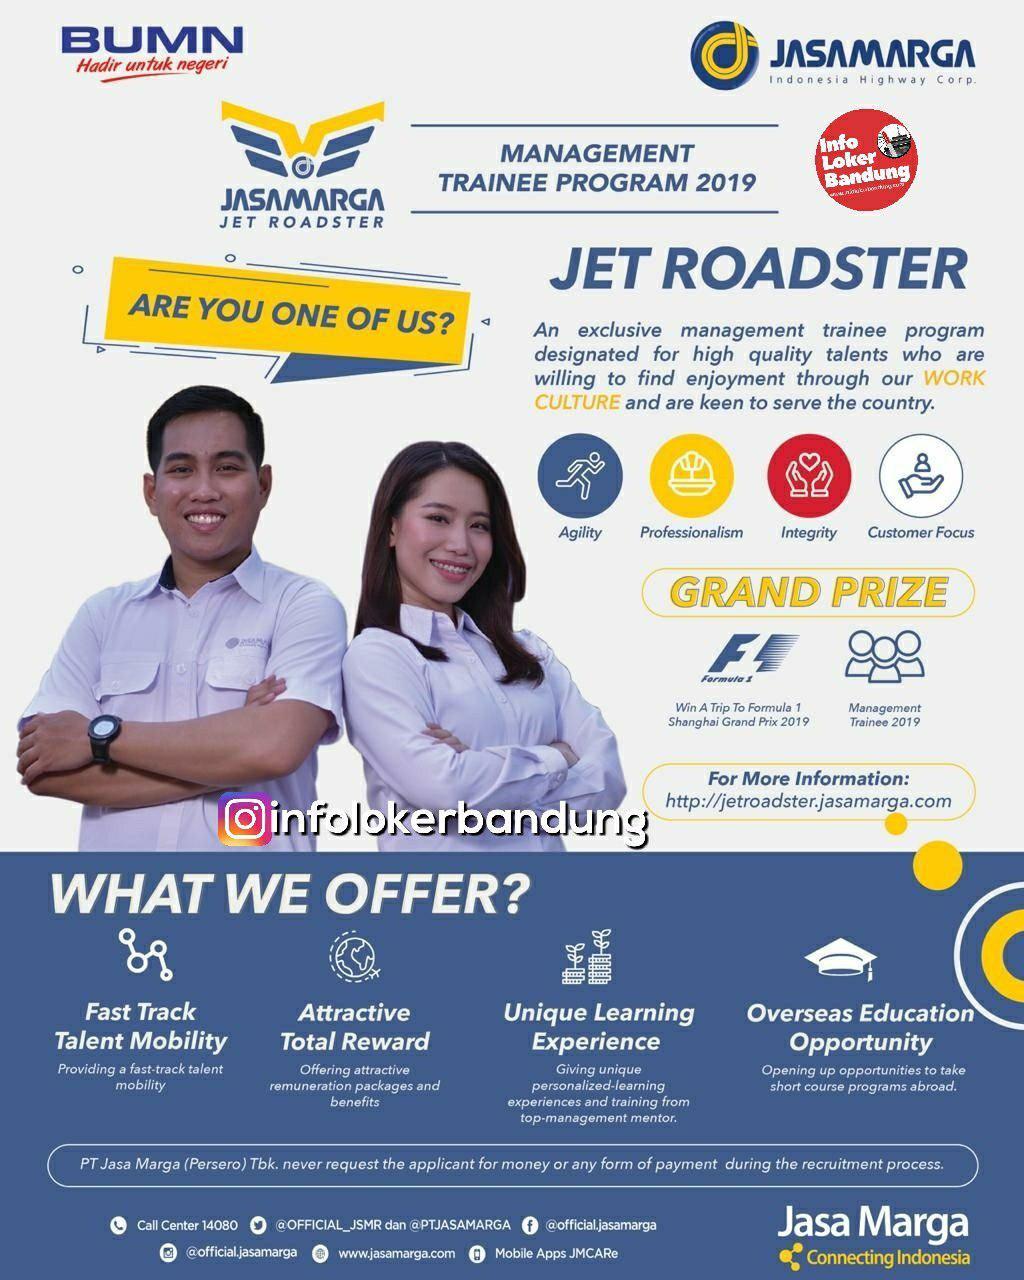 Lowongan Kerja Jet Roadster Jasa Marga Maret 2019